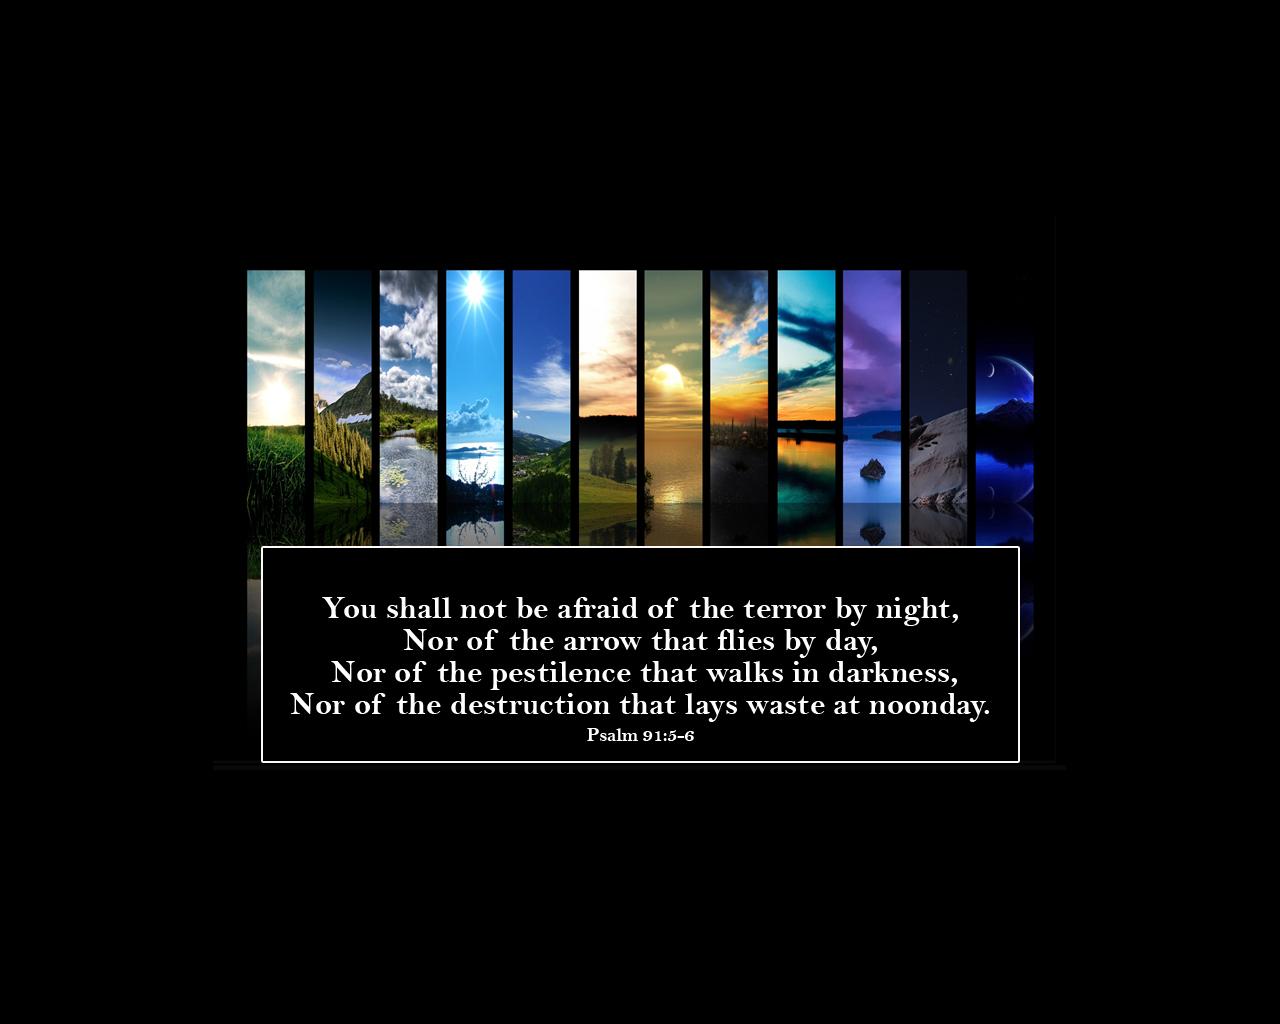 psalm 915 6 wallpaperjpg 1280x1024